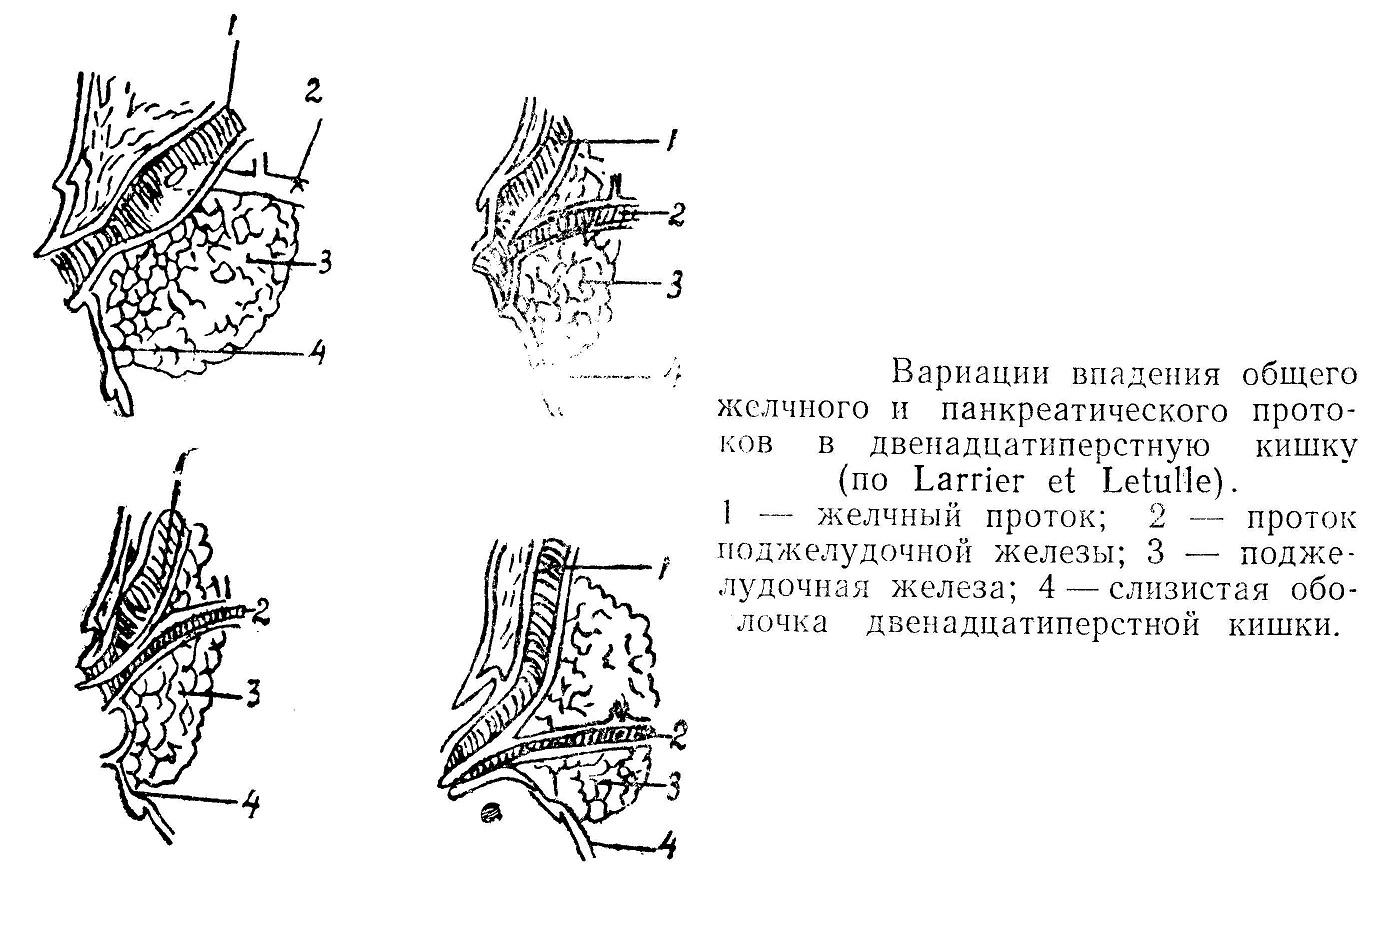 Вариации впадения общего желчного и панкреатического протоков в двенадцатиперстную кишку (по barrier et Letulle).